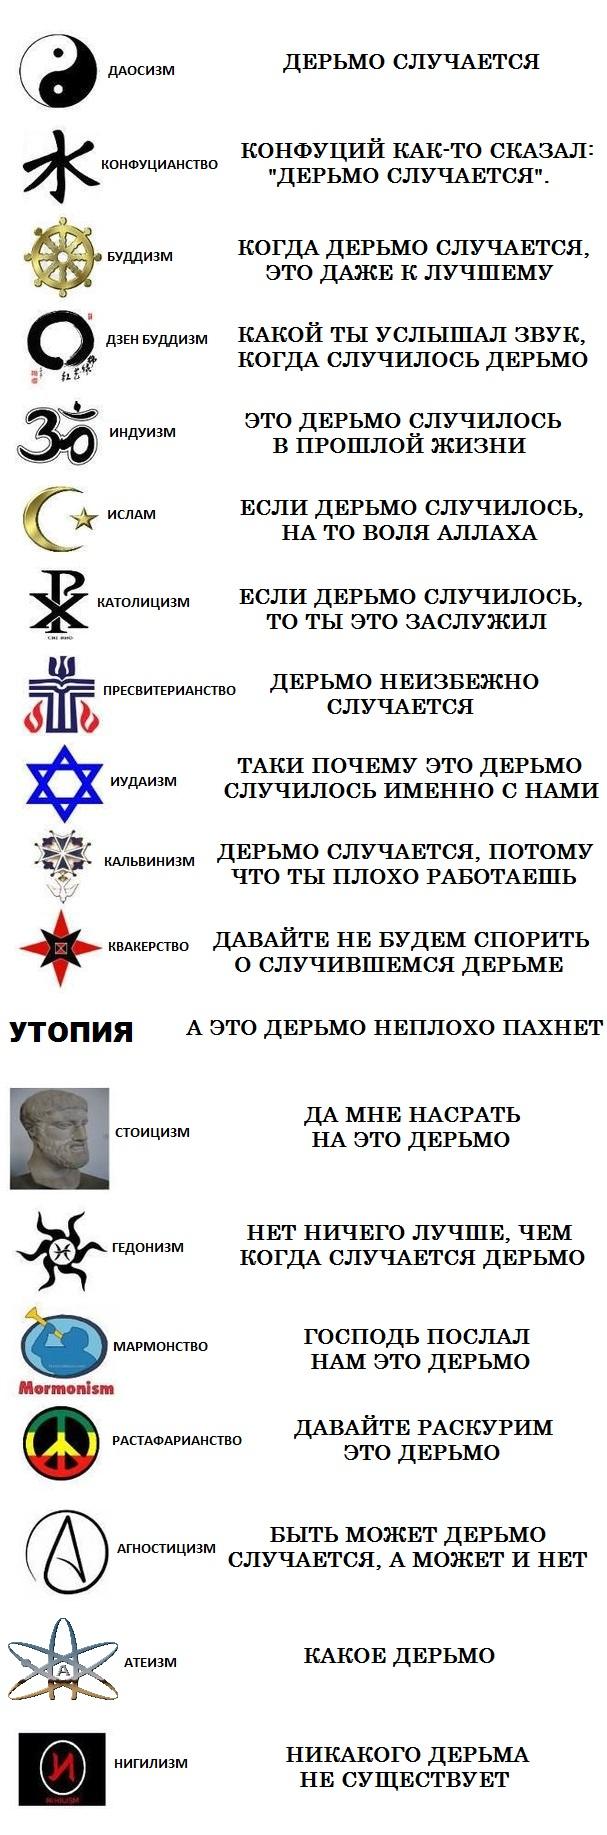 религии-философские-течения-in-a-nutshell